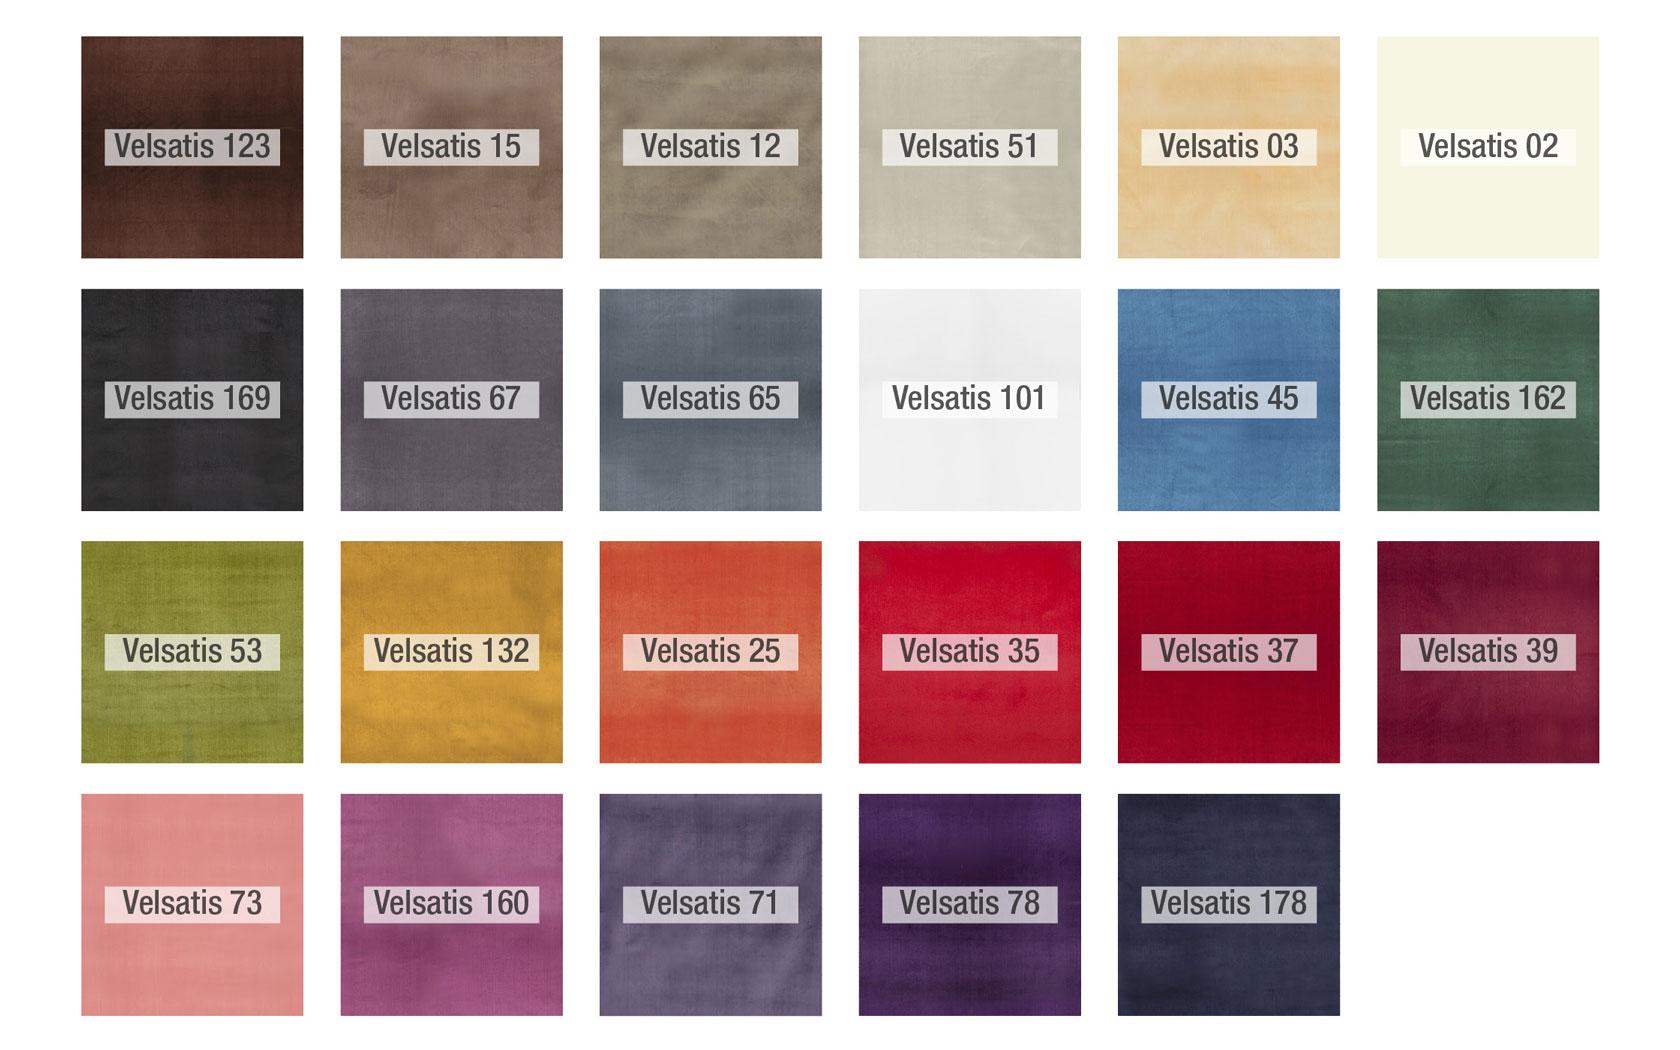 Colores Velsatis tela Fama 2020